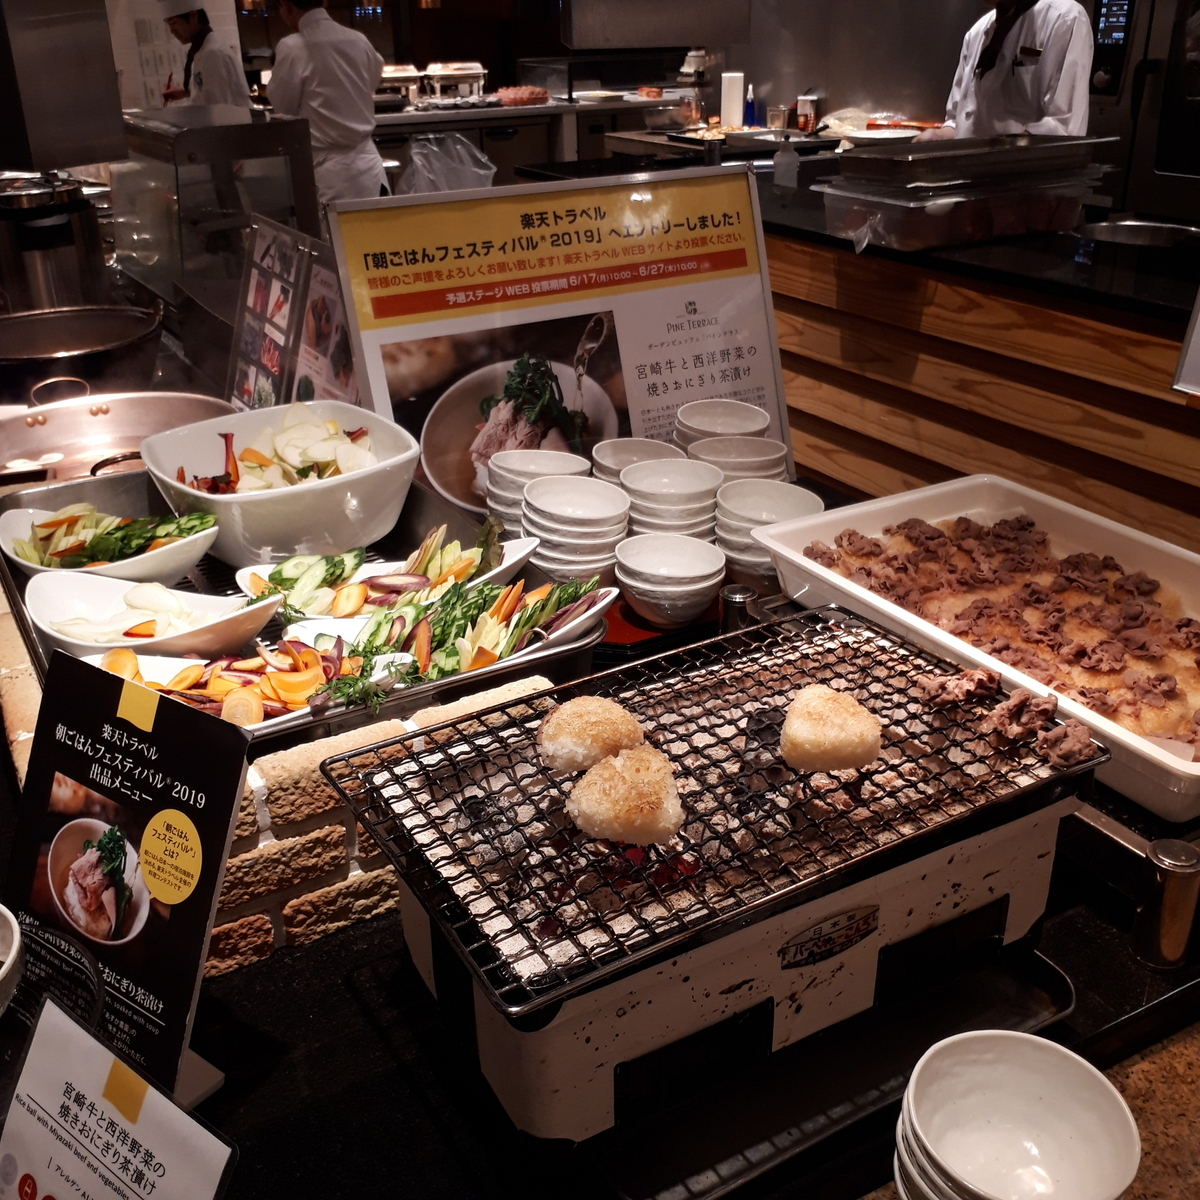 シェラトングランデオーシャンリゾート パインテラス 朝食ブッフェ 宮崎牛と西洋野菜の焼きおにぎり茶漬け